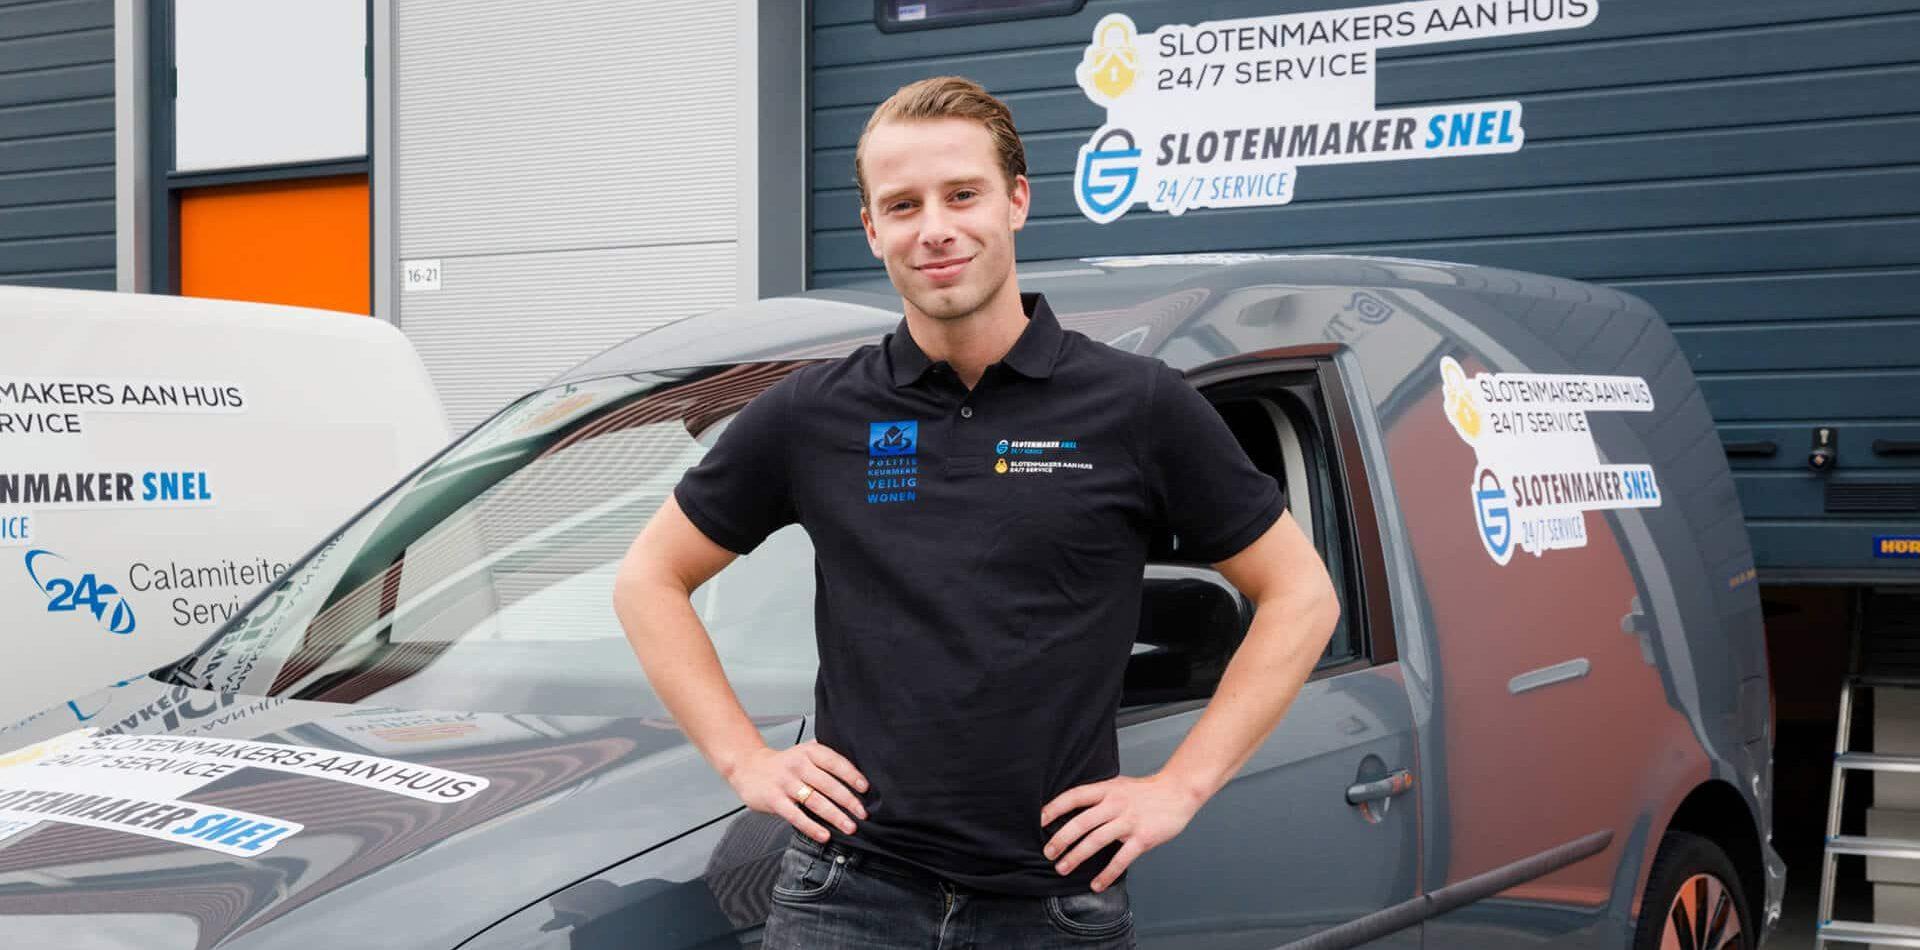 Slotenmaker Lopik